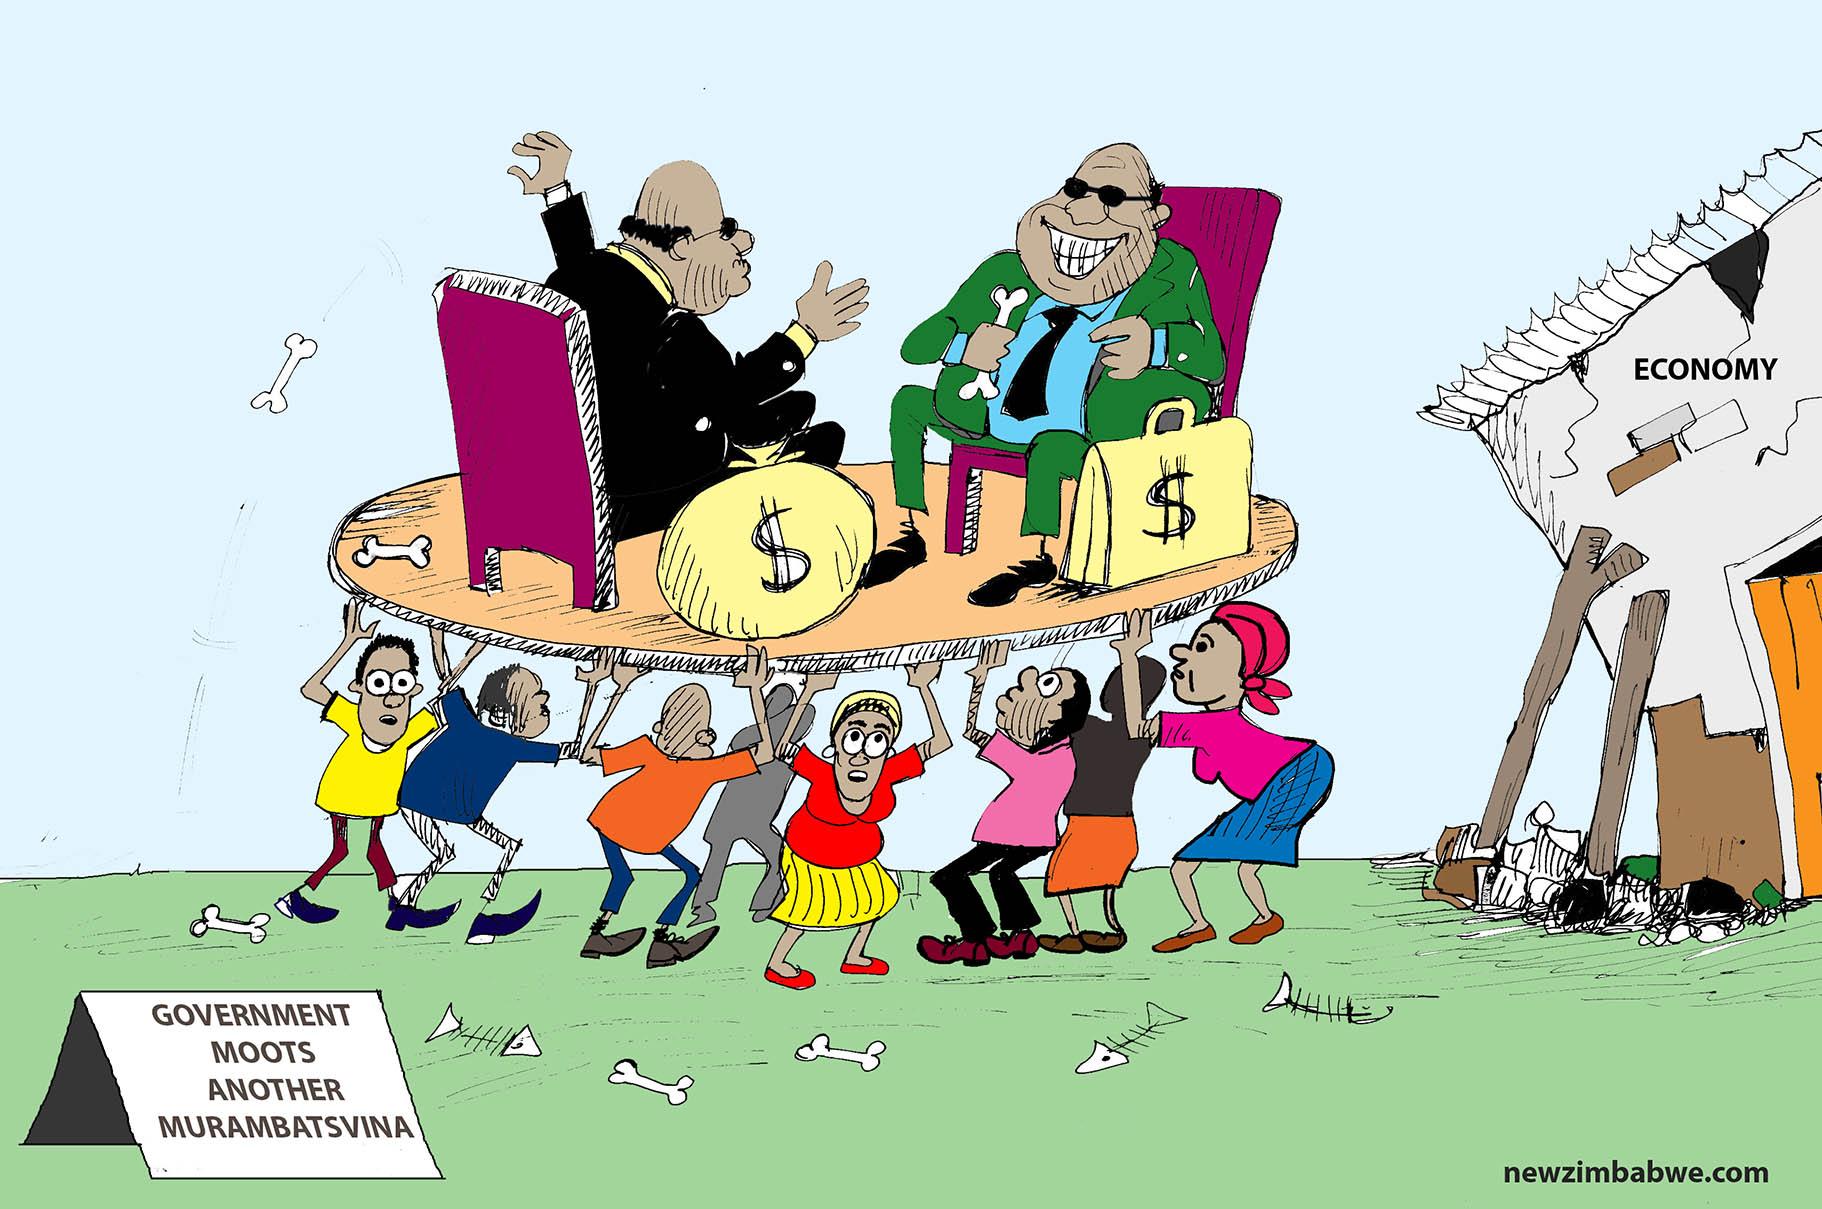 Govt moots another Murambatsvina